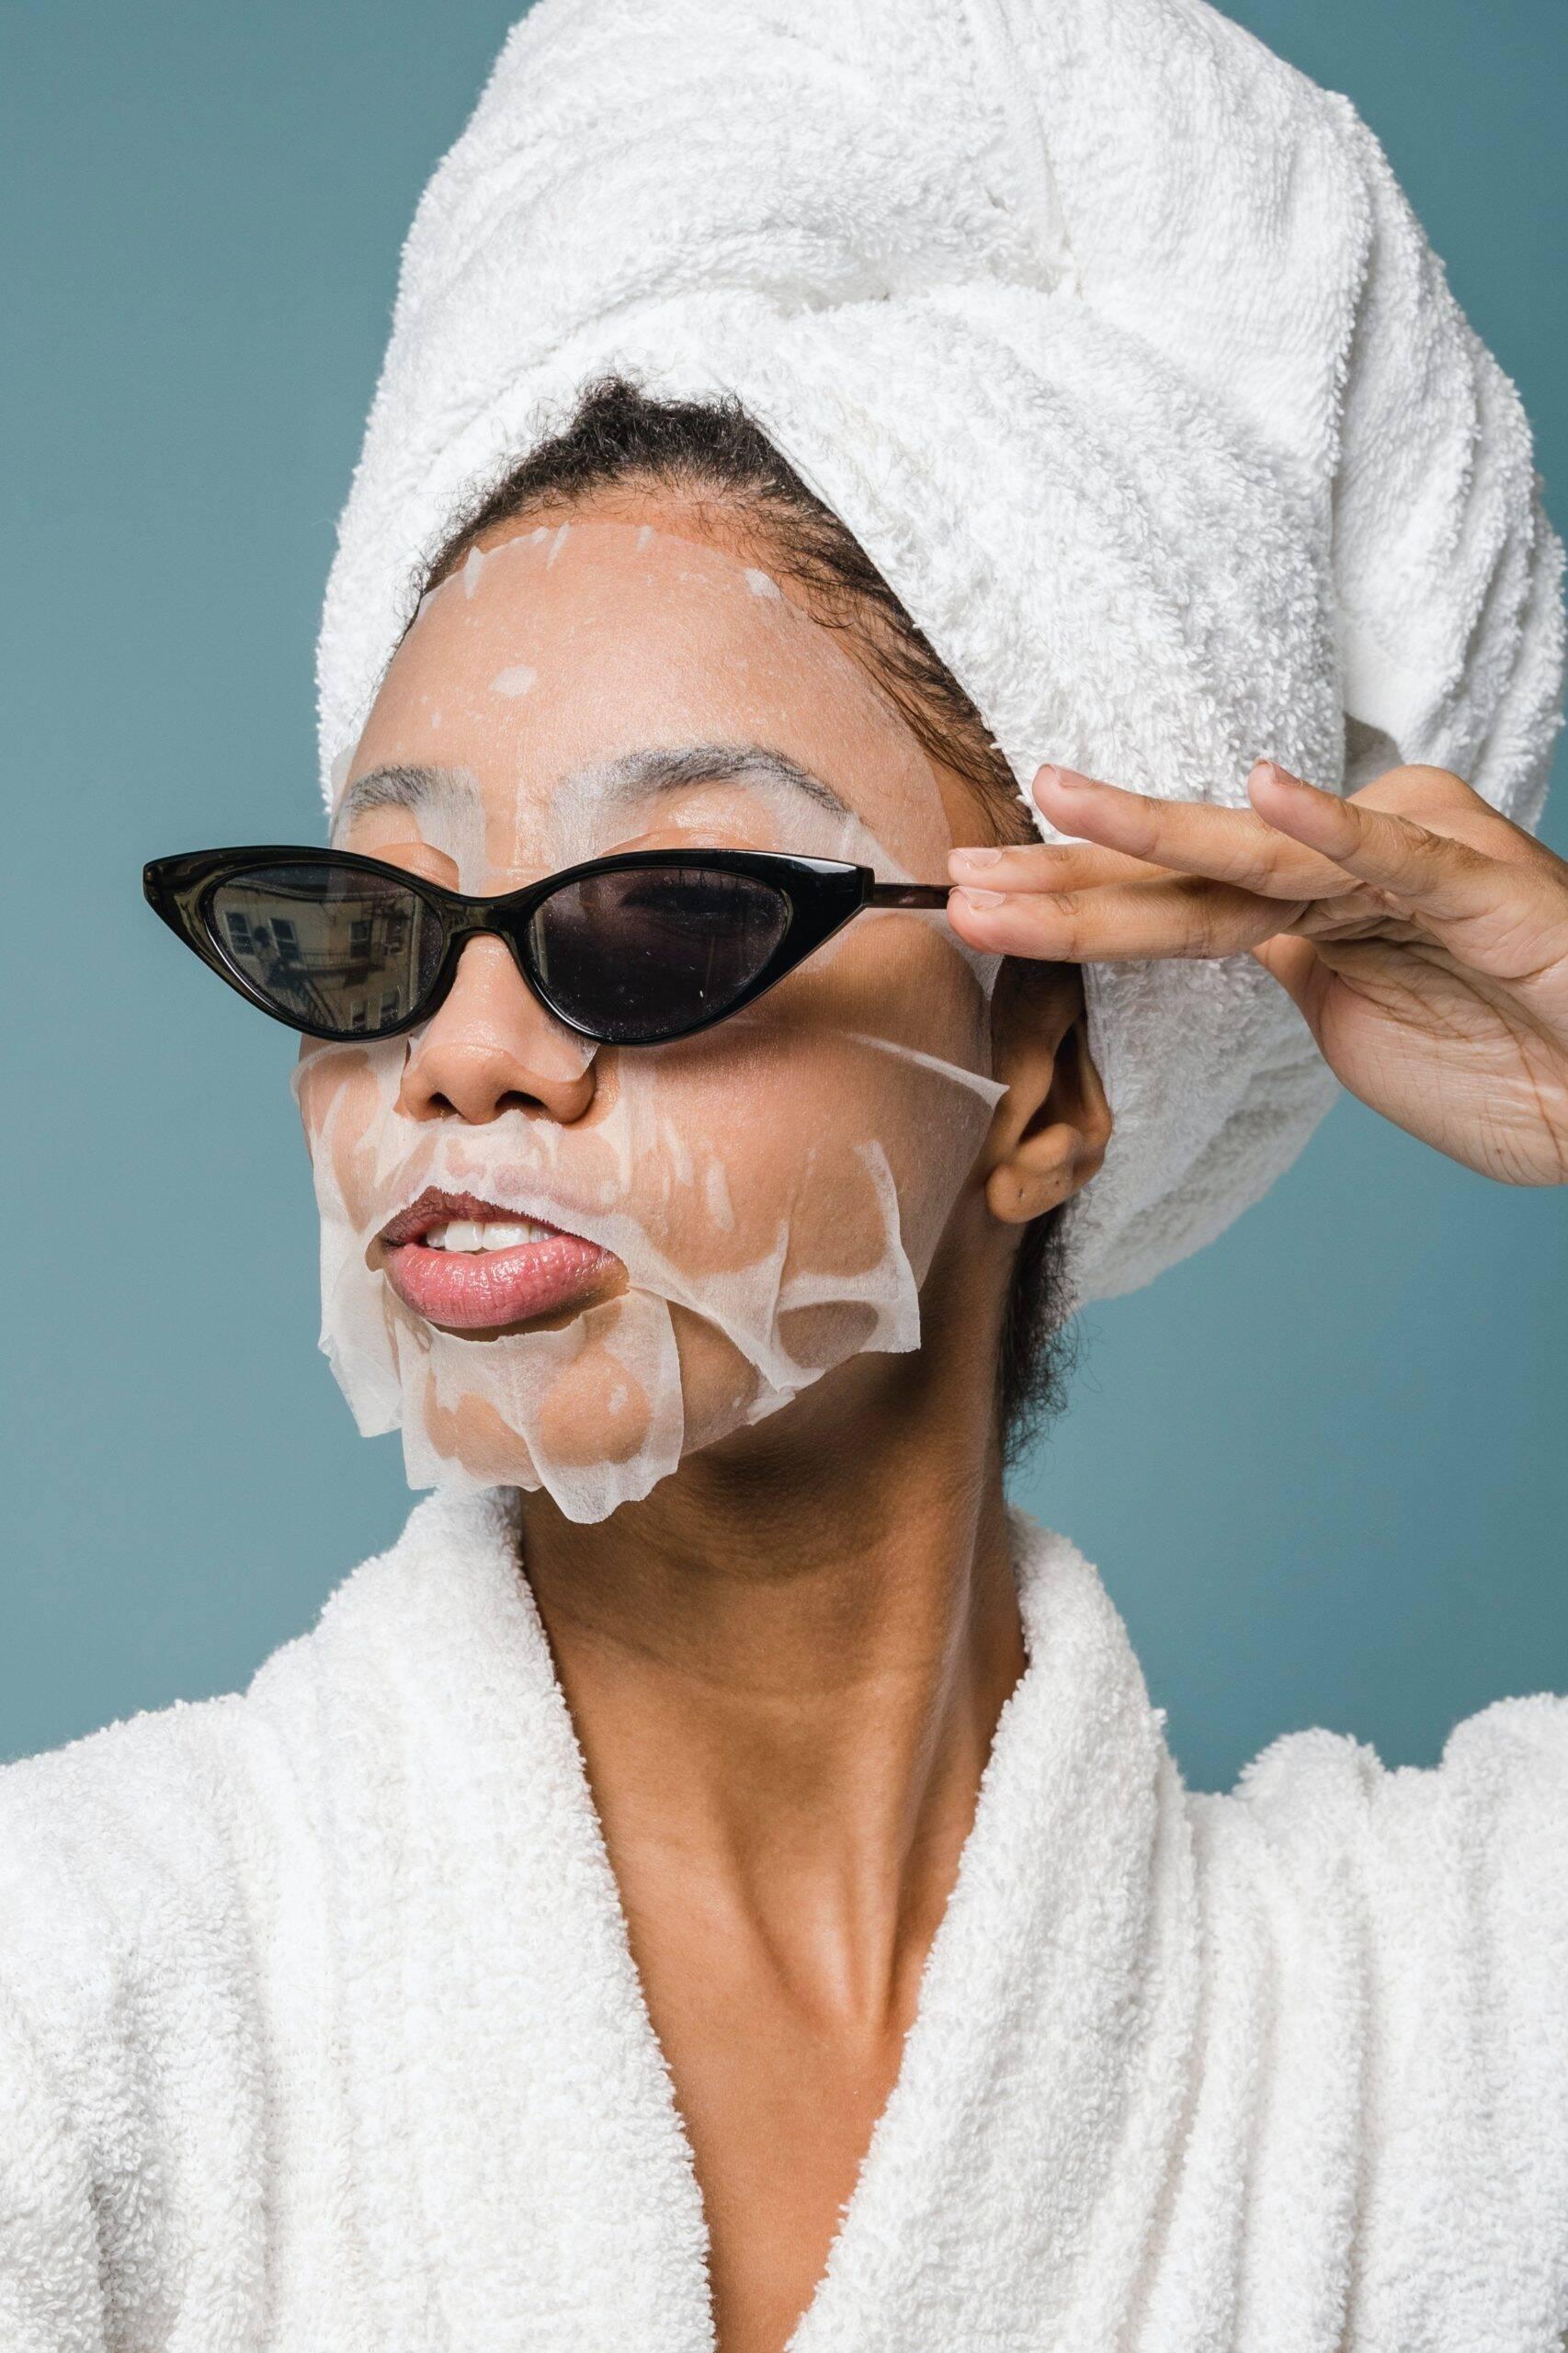 Com o auxílio de uma colher ou espátula, misture todos os ingredientes até ficar homogêneo. Tome cuidado: ela não deve ficar muito líquida para que não se perca o ponto certo. Com a ajuda do pincel, aplique no rosto. (Foto: Pexels)